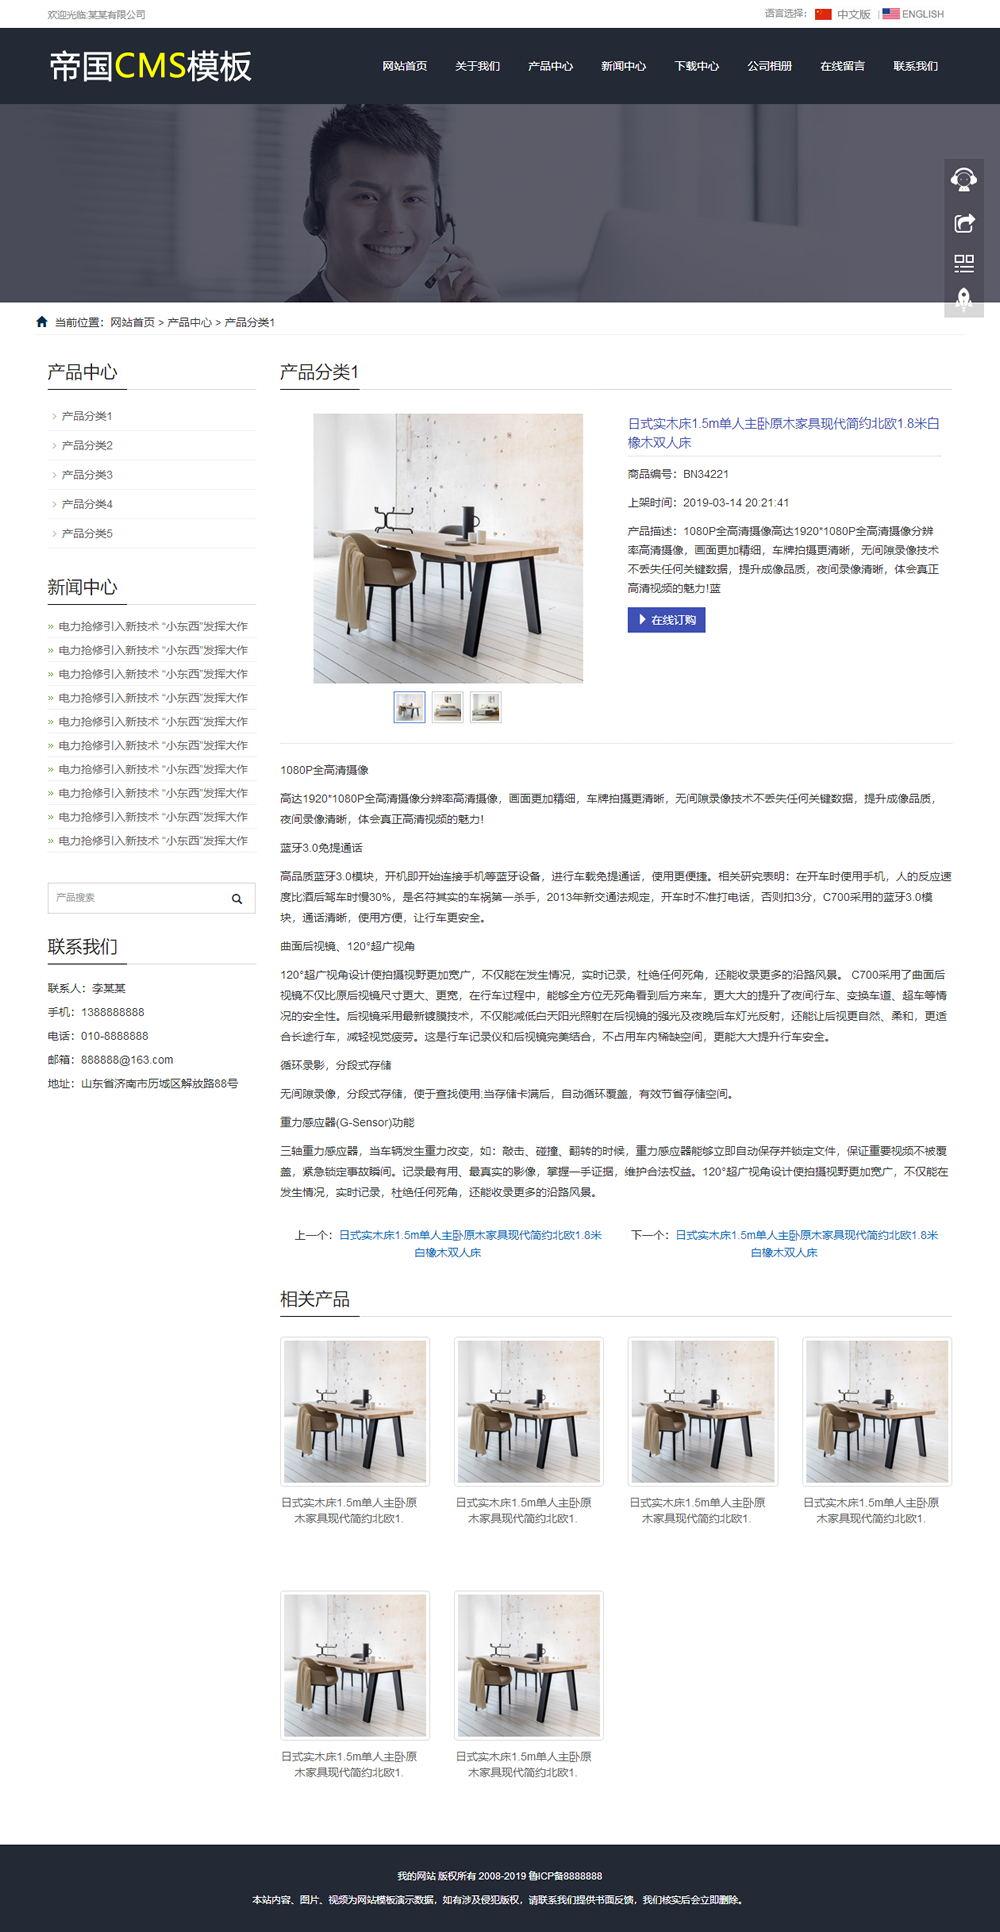 帝国CMS中英文双语响应式自适应通用公司企业网站模板_产品内容页